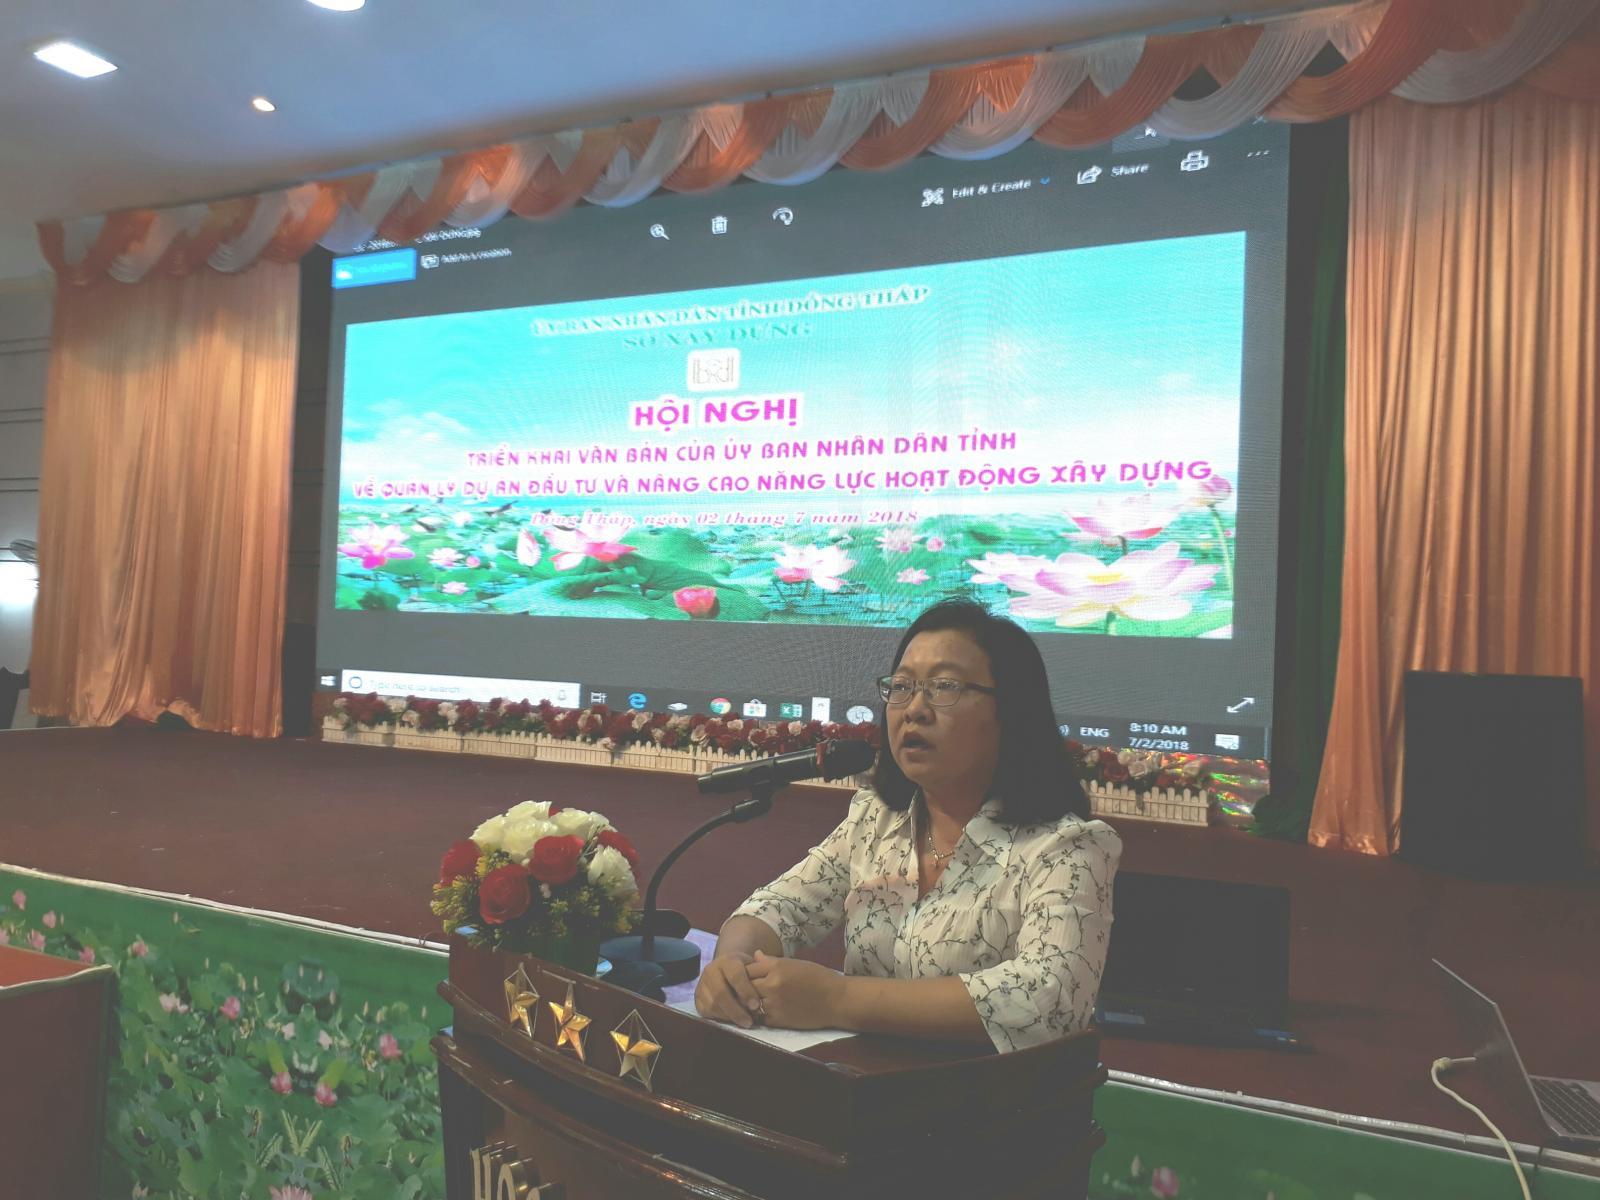 Hội nghị triển khai văn bản của Uỷ ban nhân dân tỉnh về quản lý dự án đầu tư và nâng cao năng lực hoạt động xây dựng